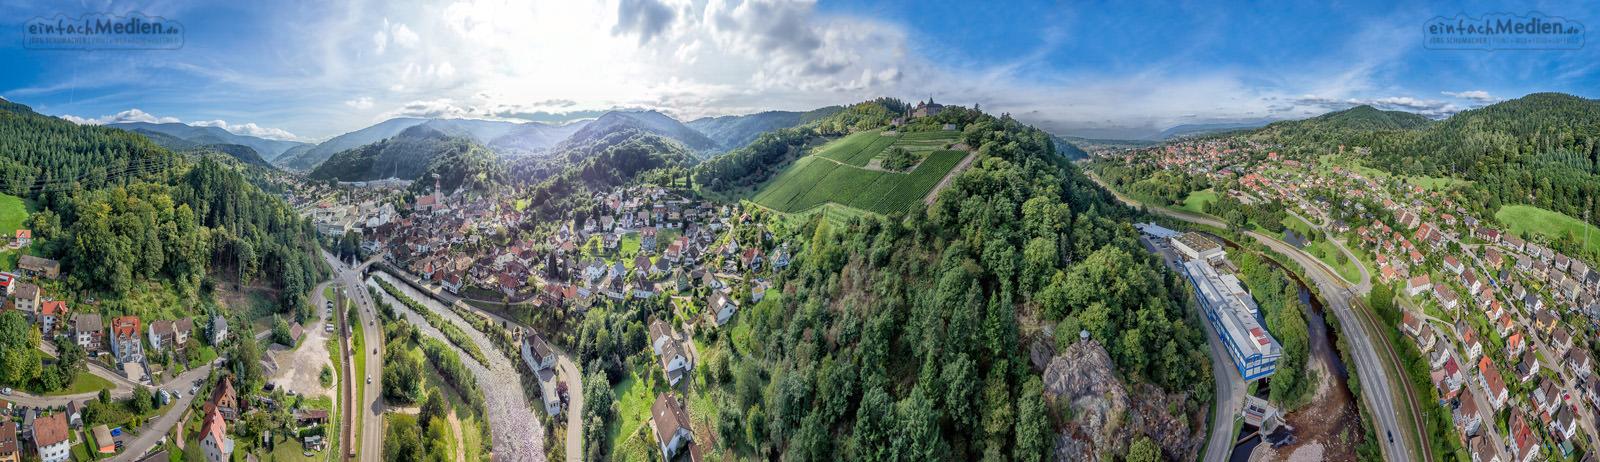 Gernsbach Obertsrot Murg - Schloss Eberstein